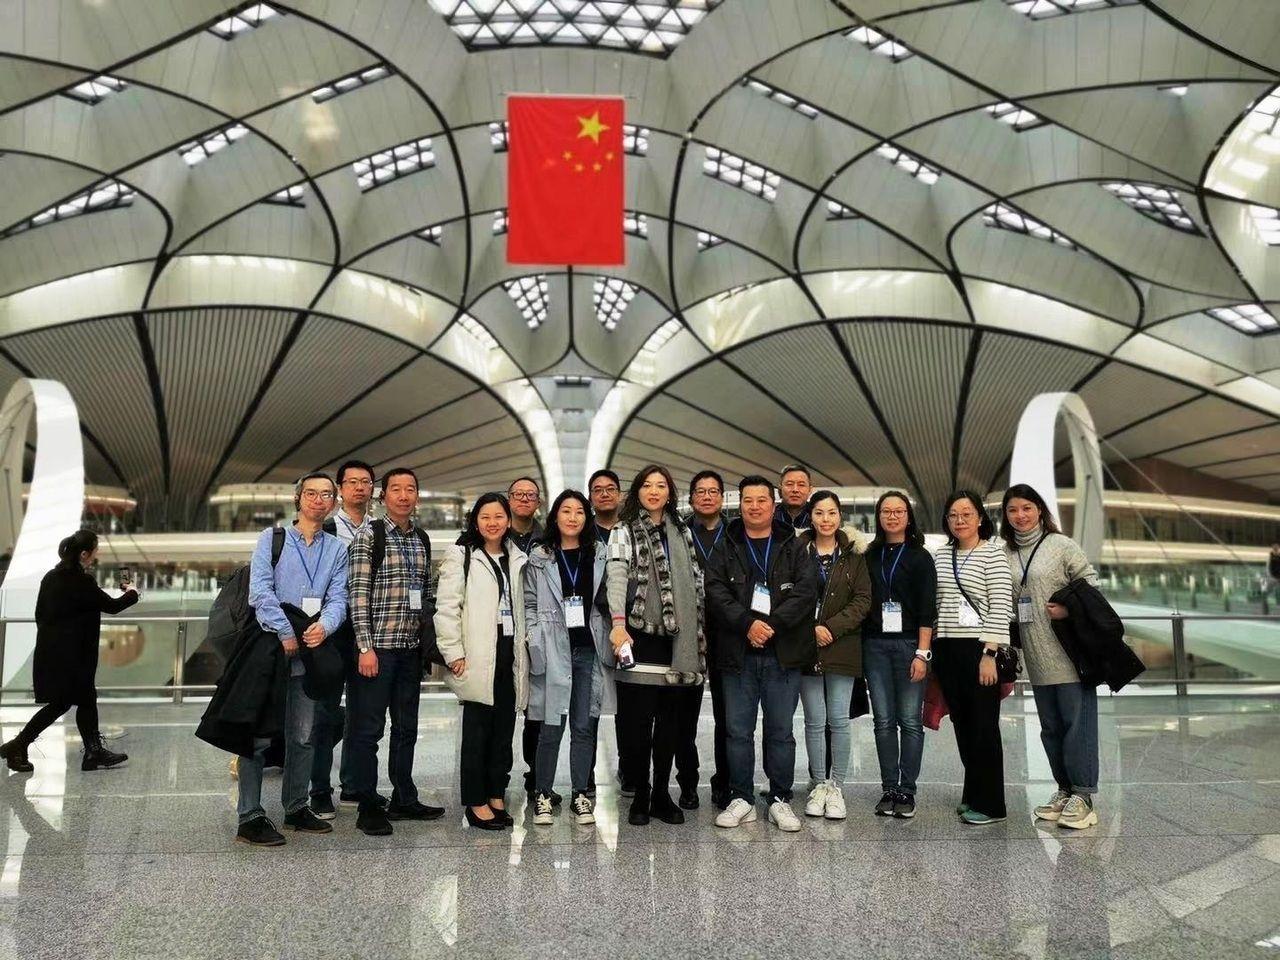 澳门机场旅客服务委员会参访北京大兴国际机场